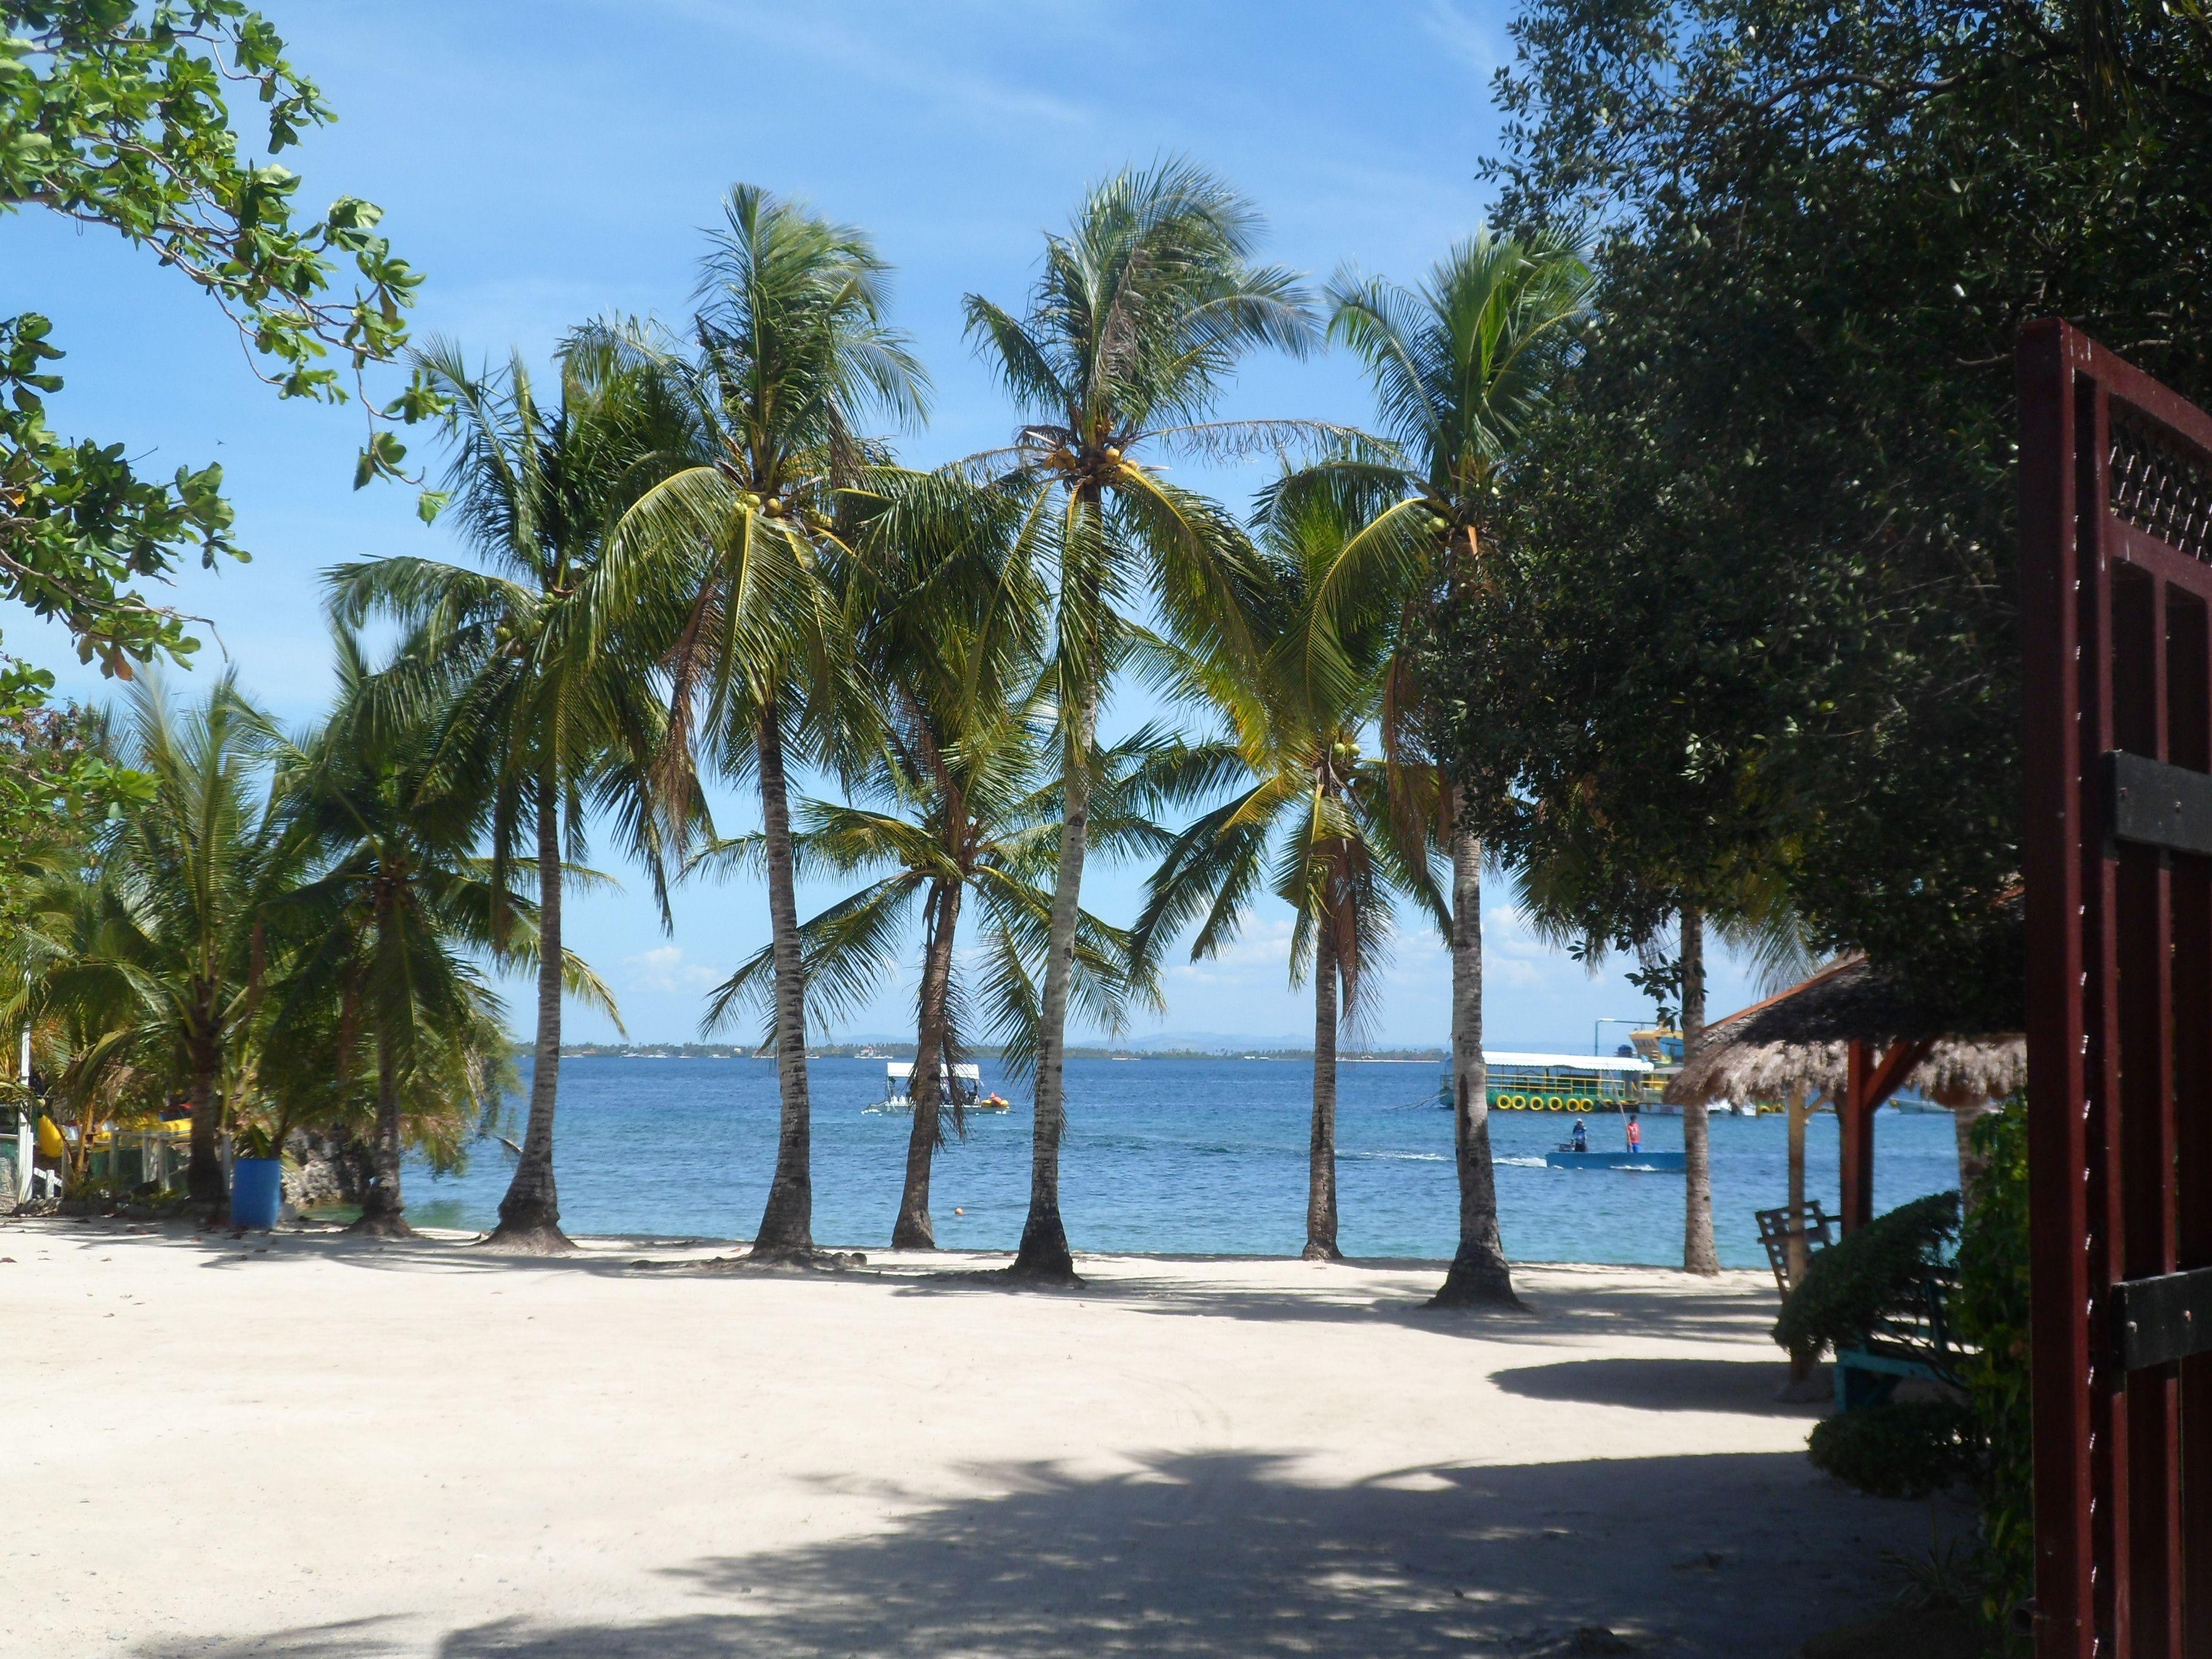 Hadsan Cove Beach Resort  Lapulapu City Cebu Philippines